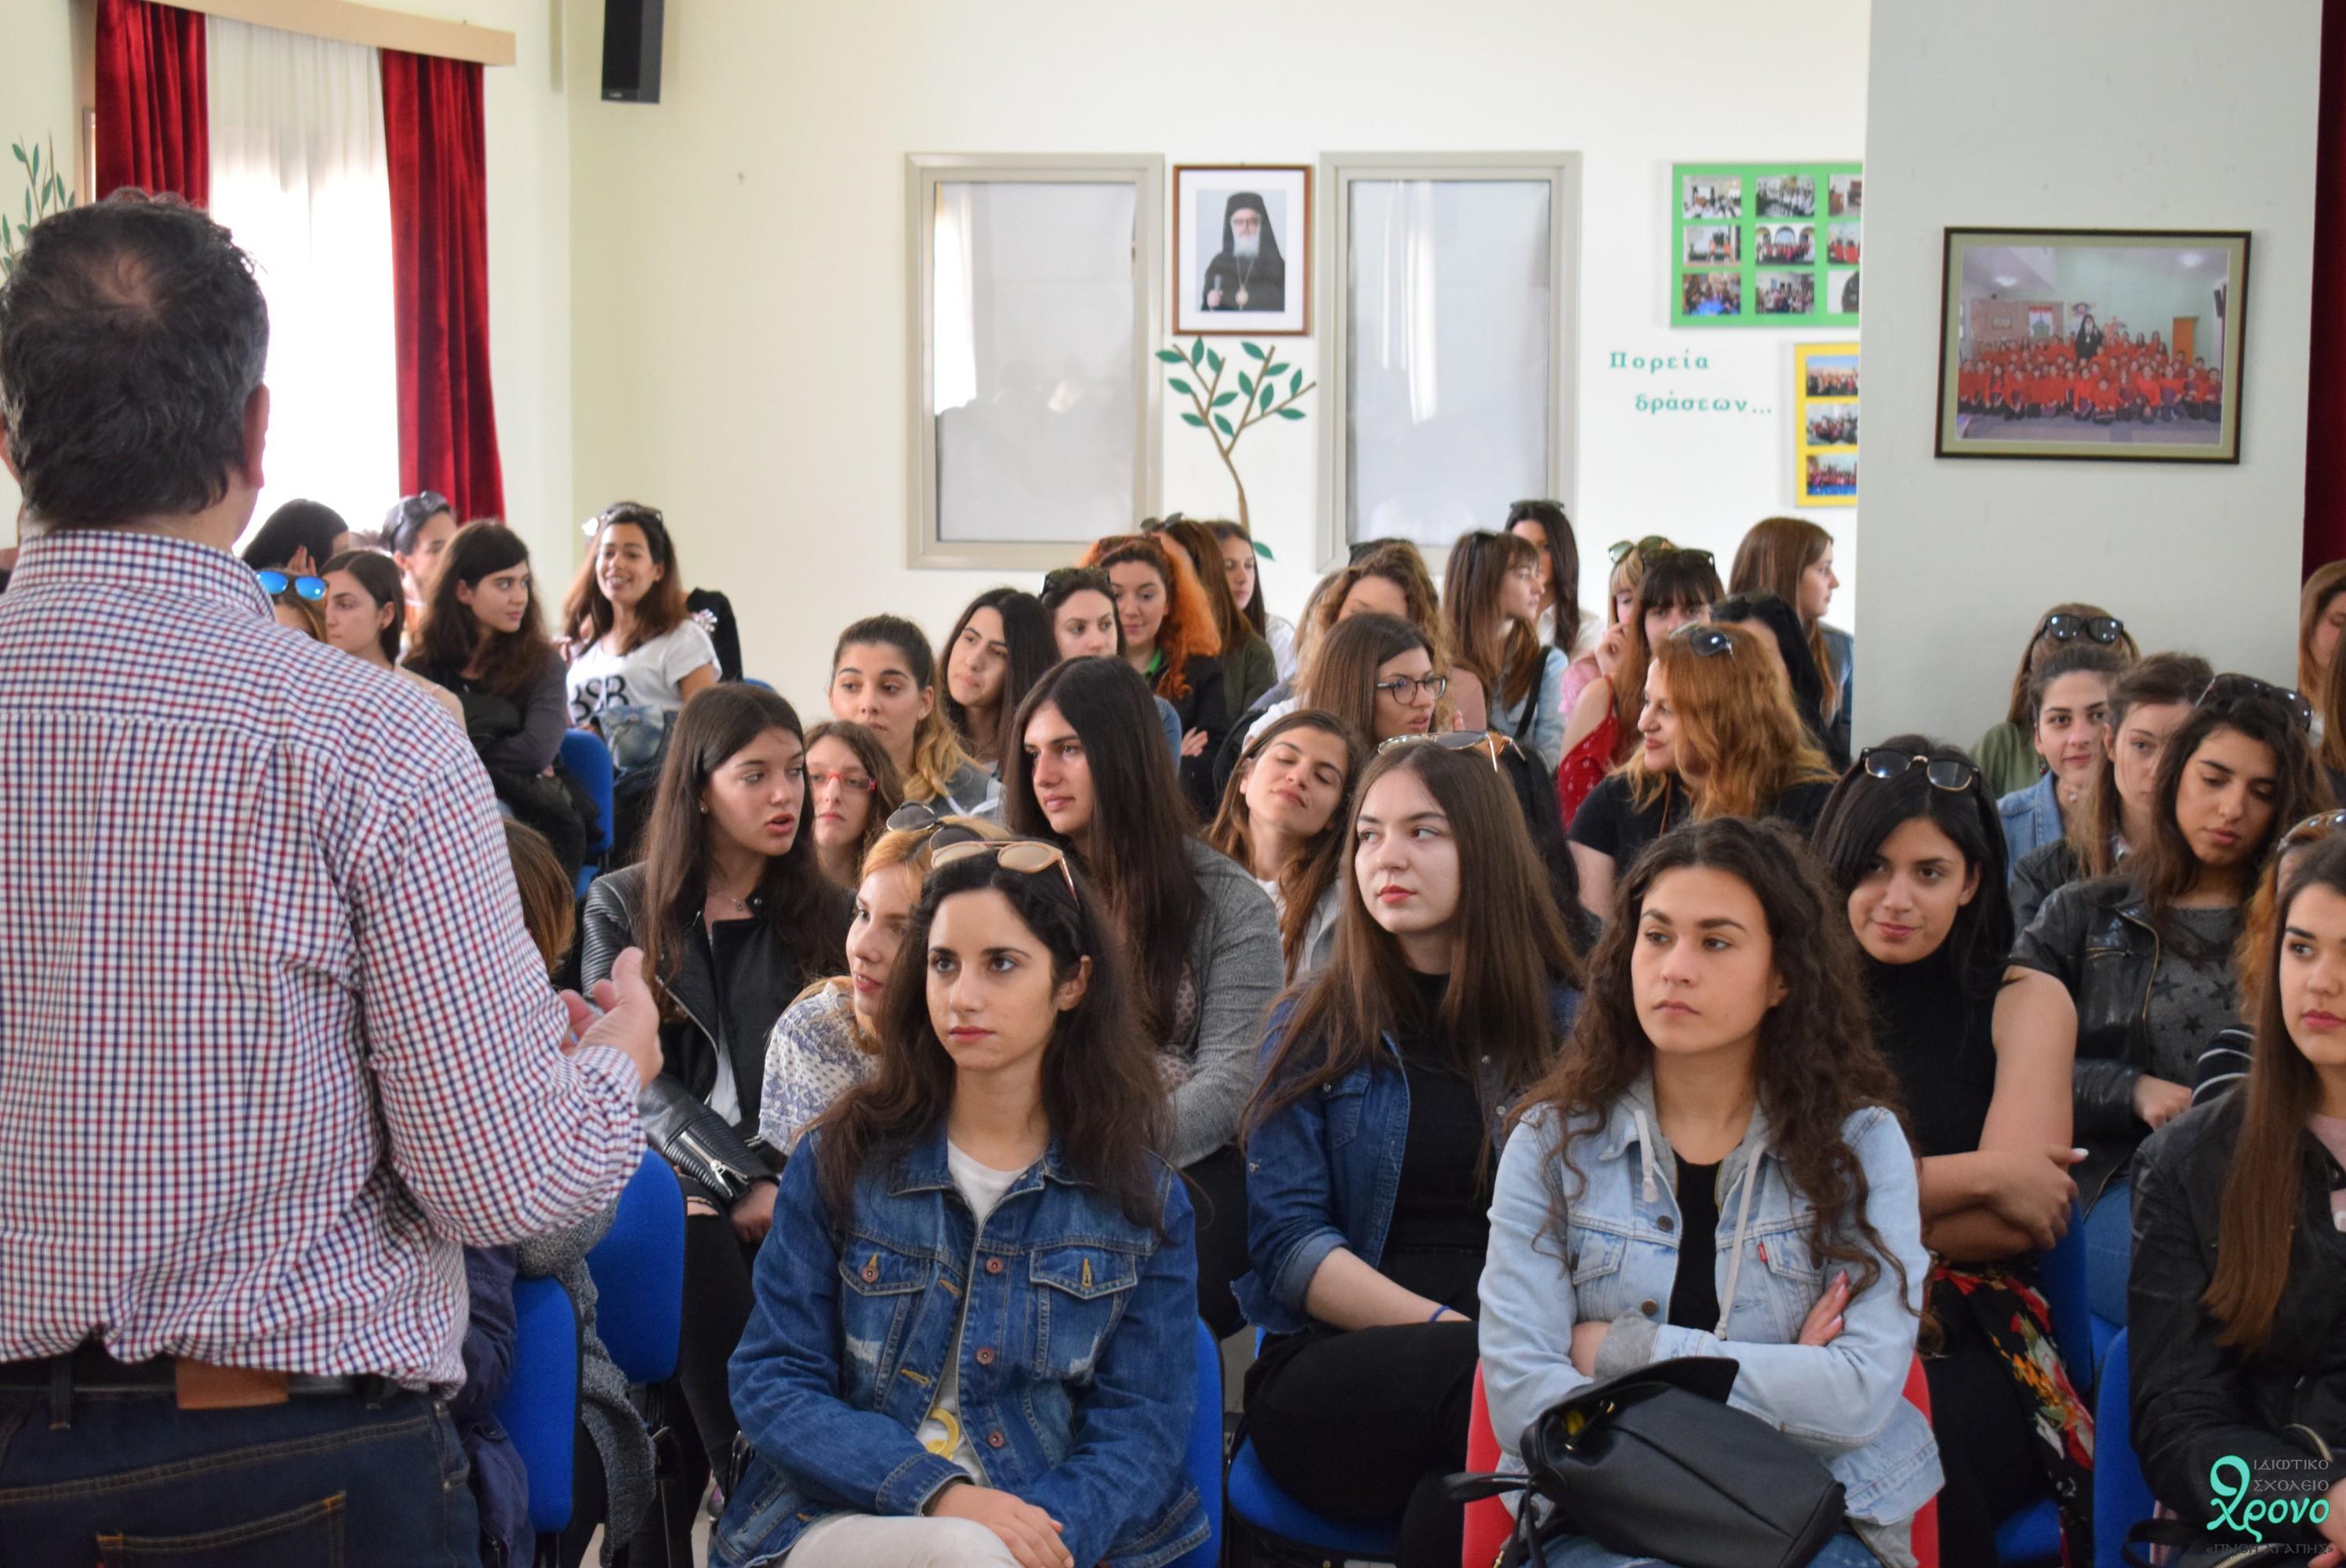 Επίσκεψη φοιτητών από το Πανεπιστήμιο Ιωαννίνων